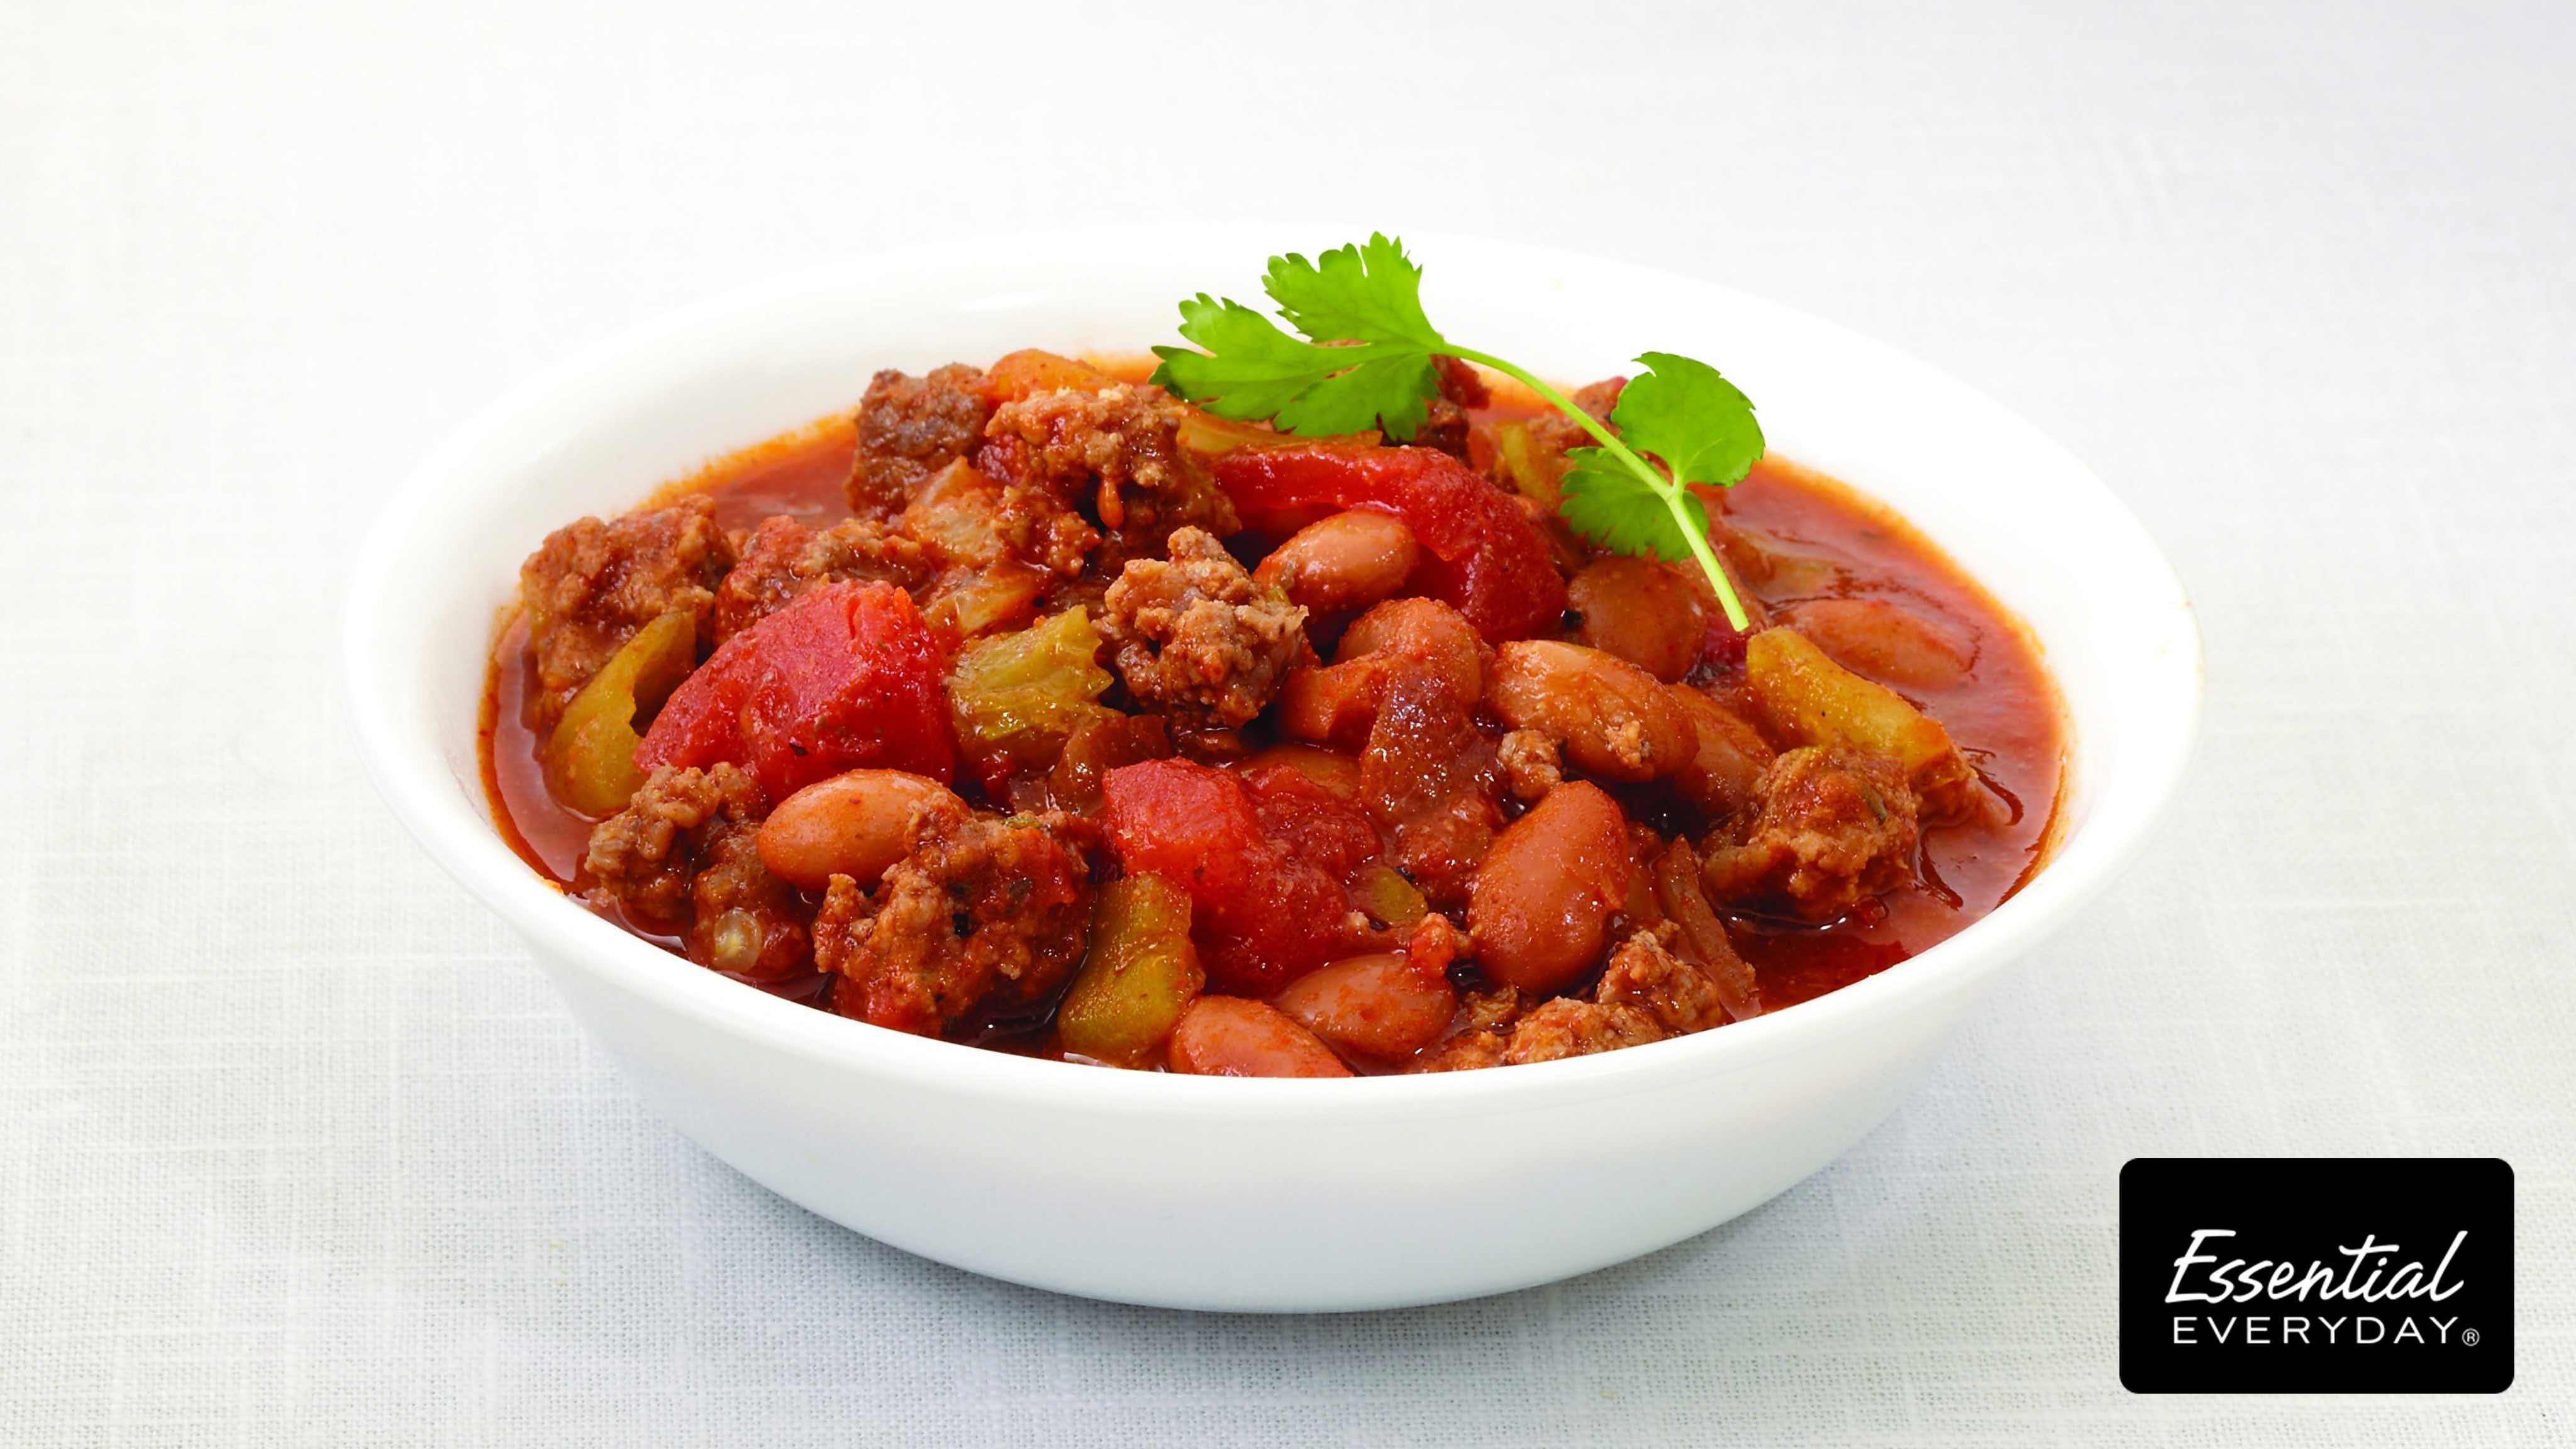 Image for Recipe Chili Con Carne